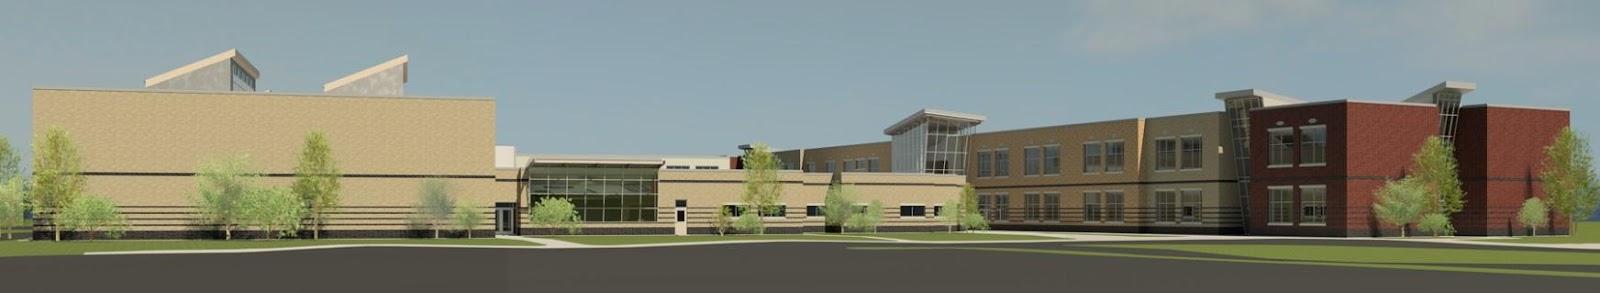 Brown Local Schools building